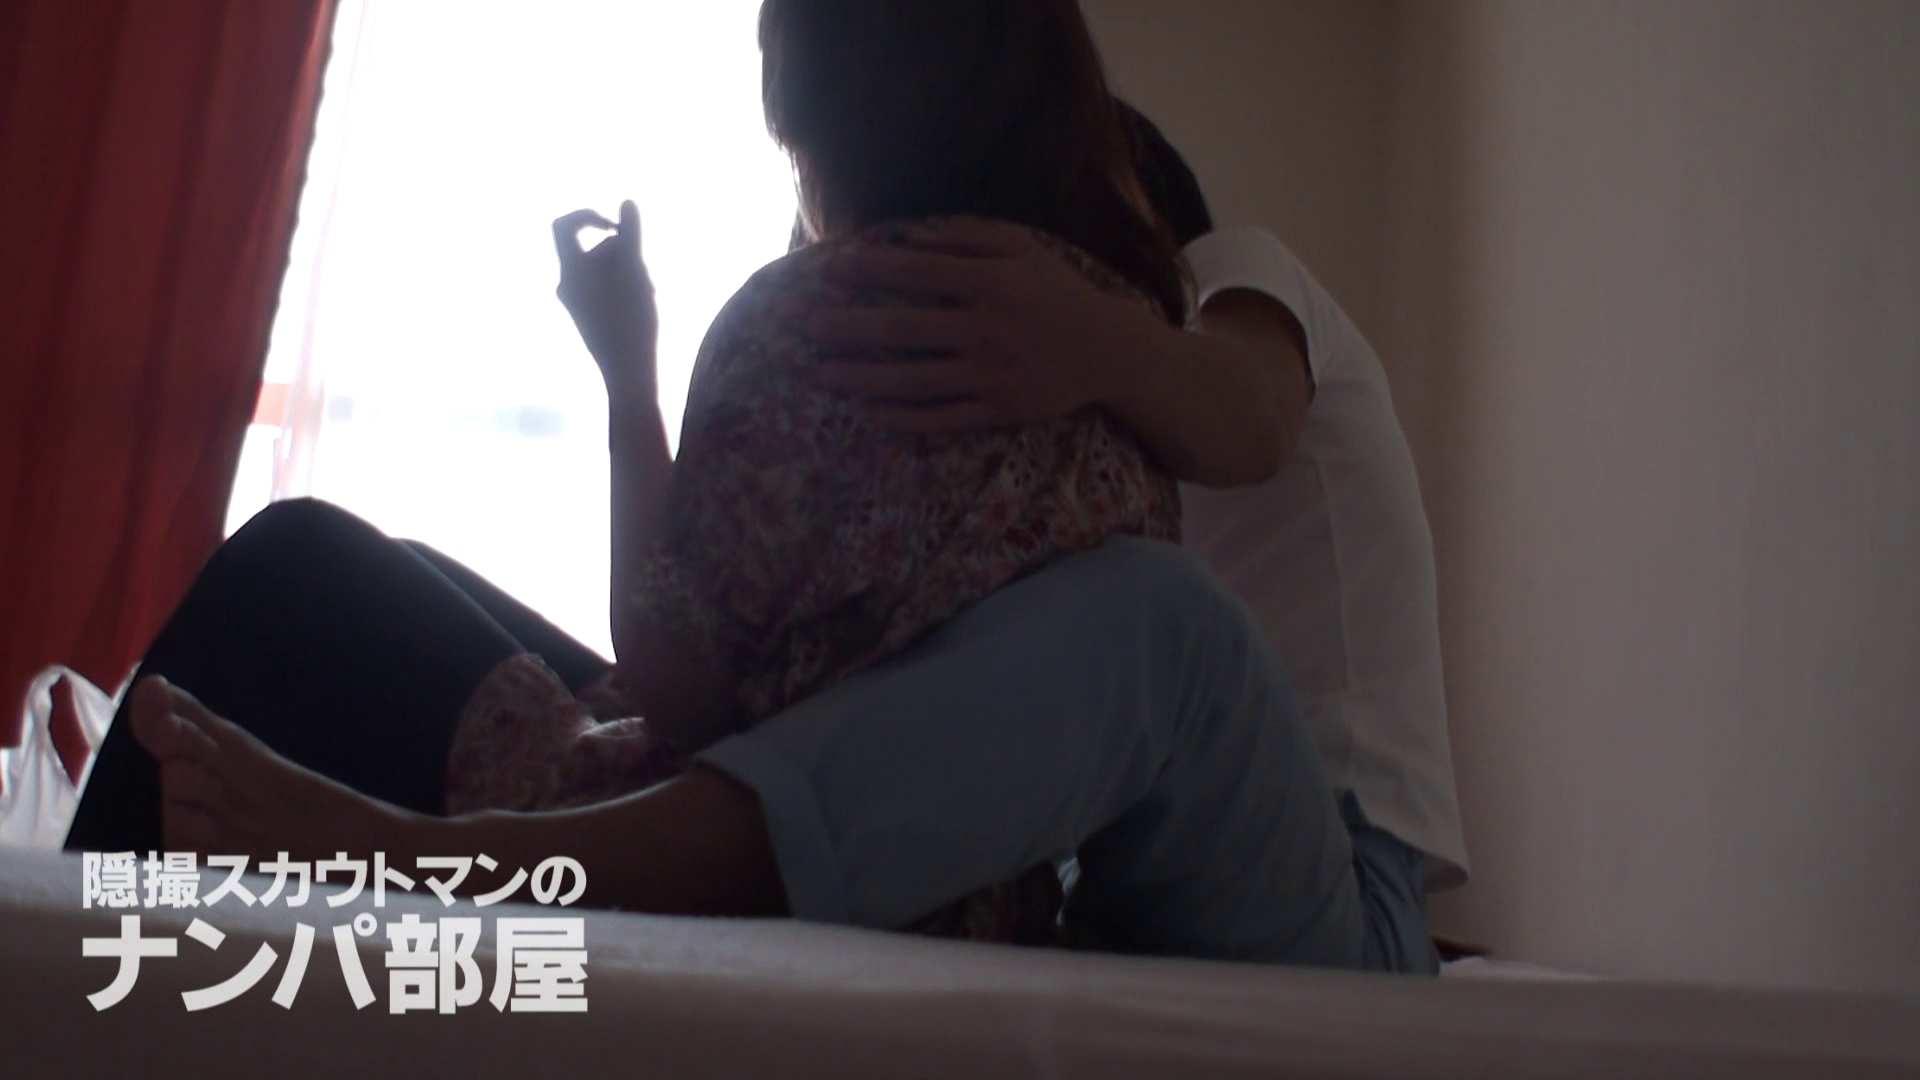 隠撮スカウトマンのナンパ部屋~風俗デビュー前のつまみ食い~ sii 隠撮 | 脱衣所  94pic 25